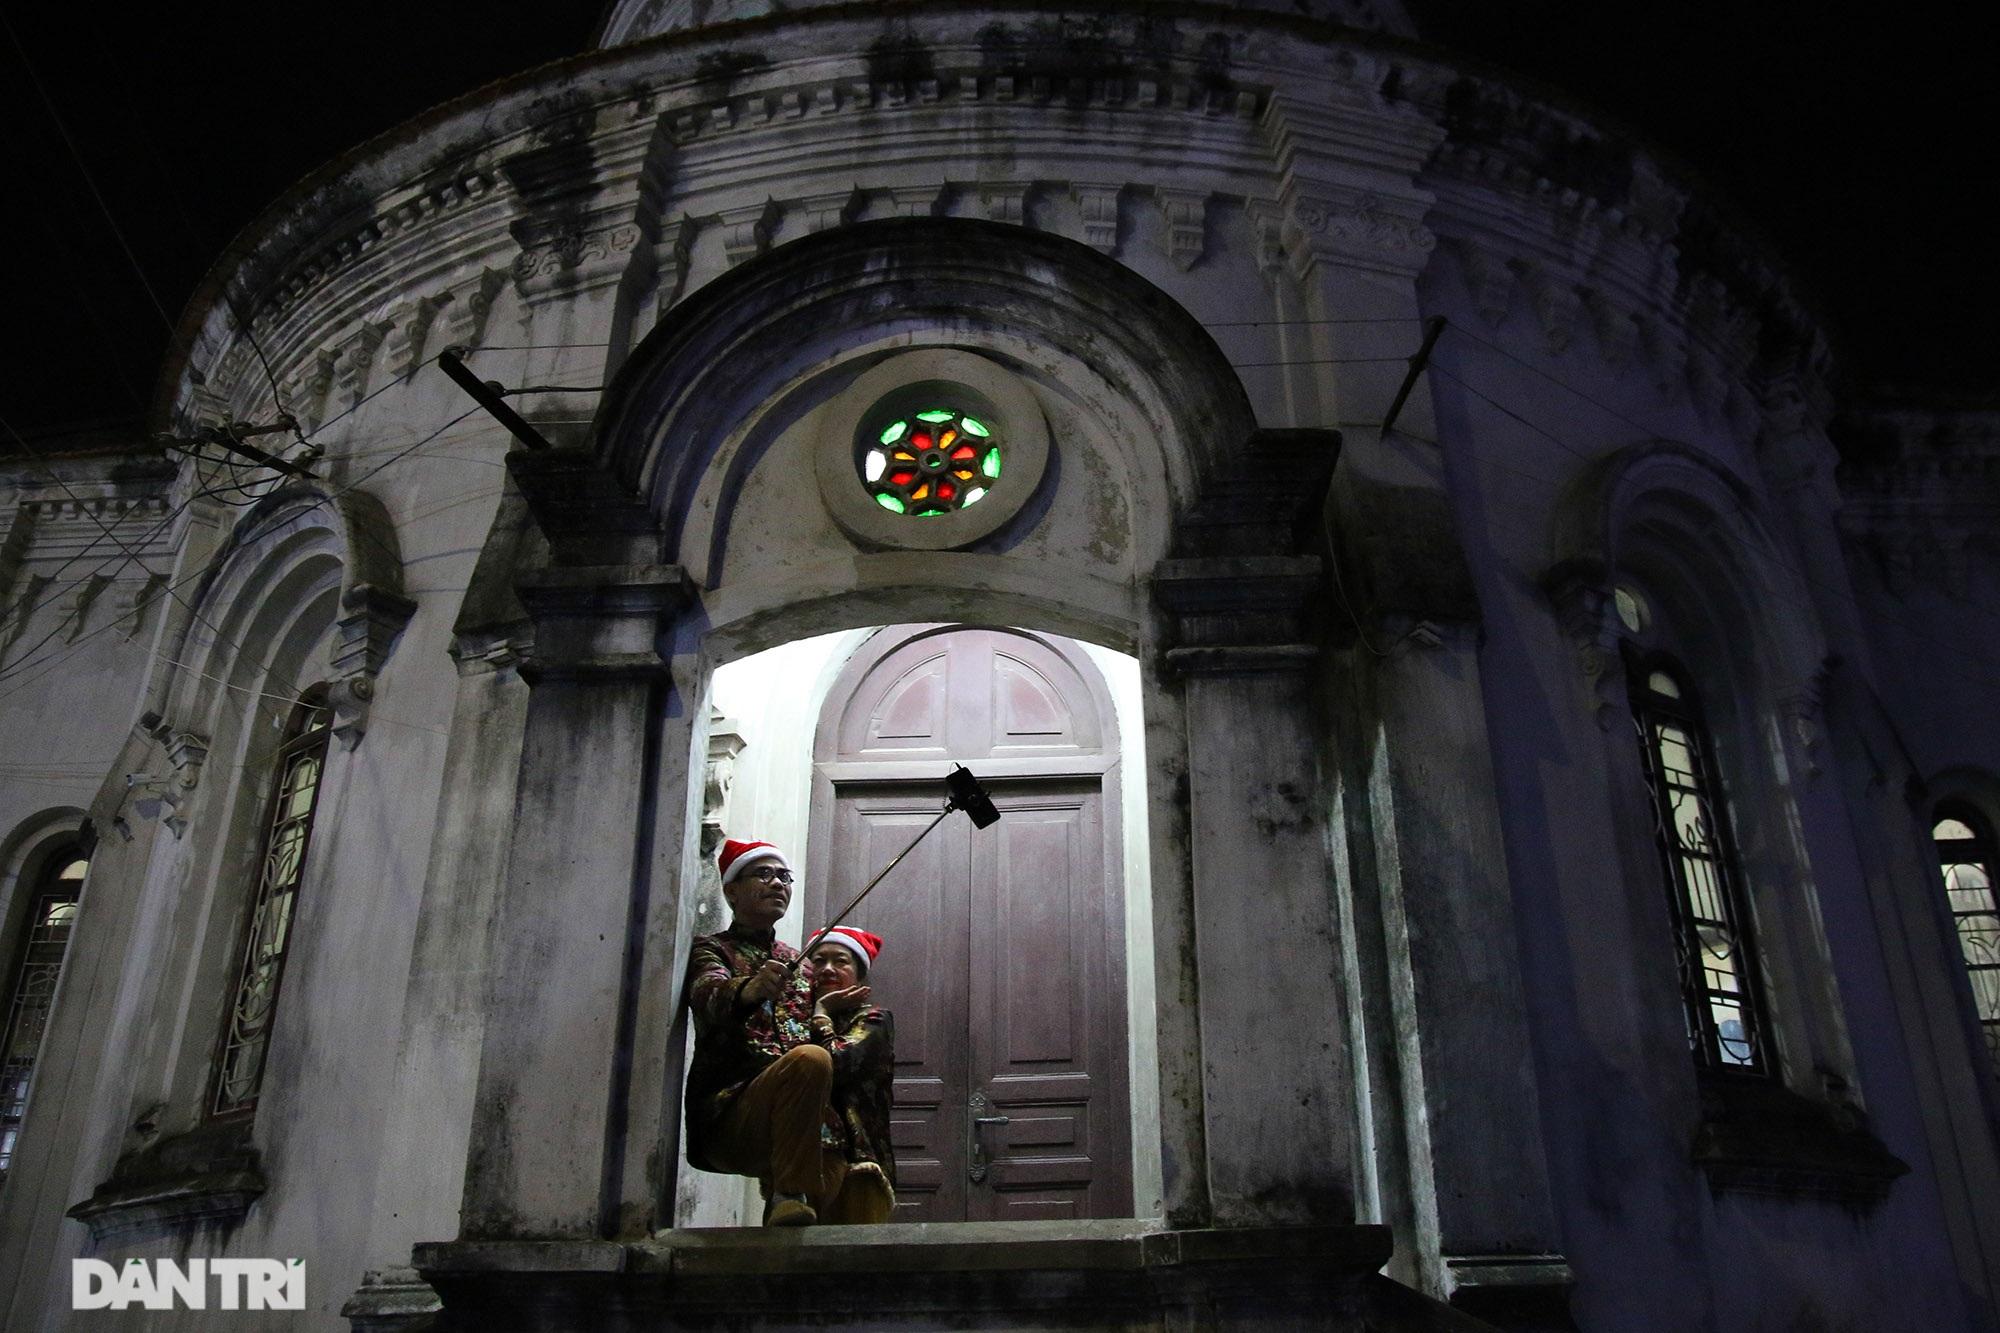 Đêm Giáng sinh lung linh ánh đèn tại xứ đạo Thạch Bích - 9